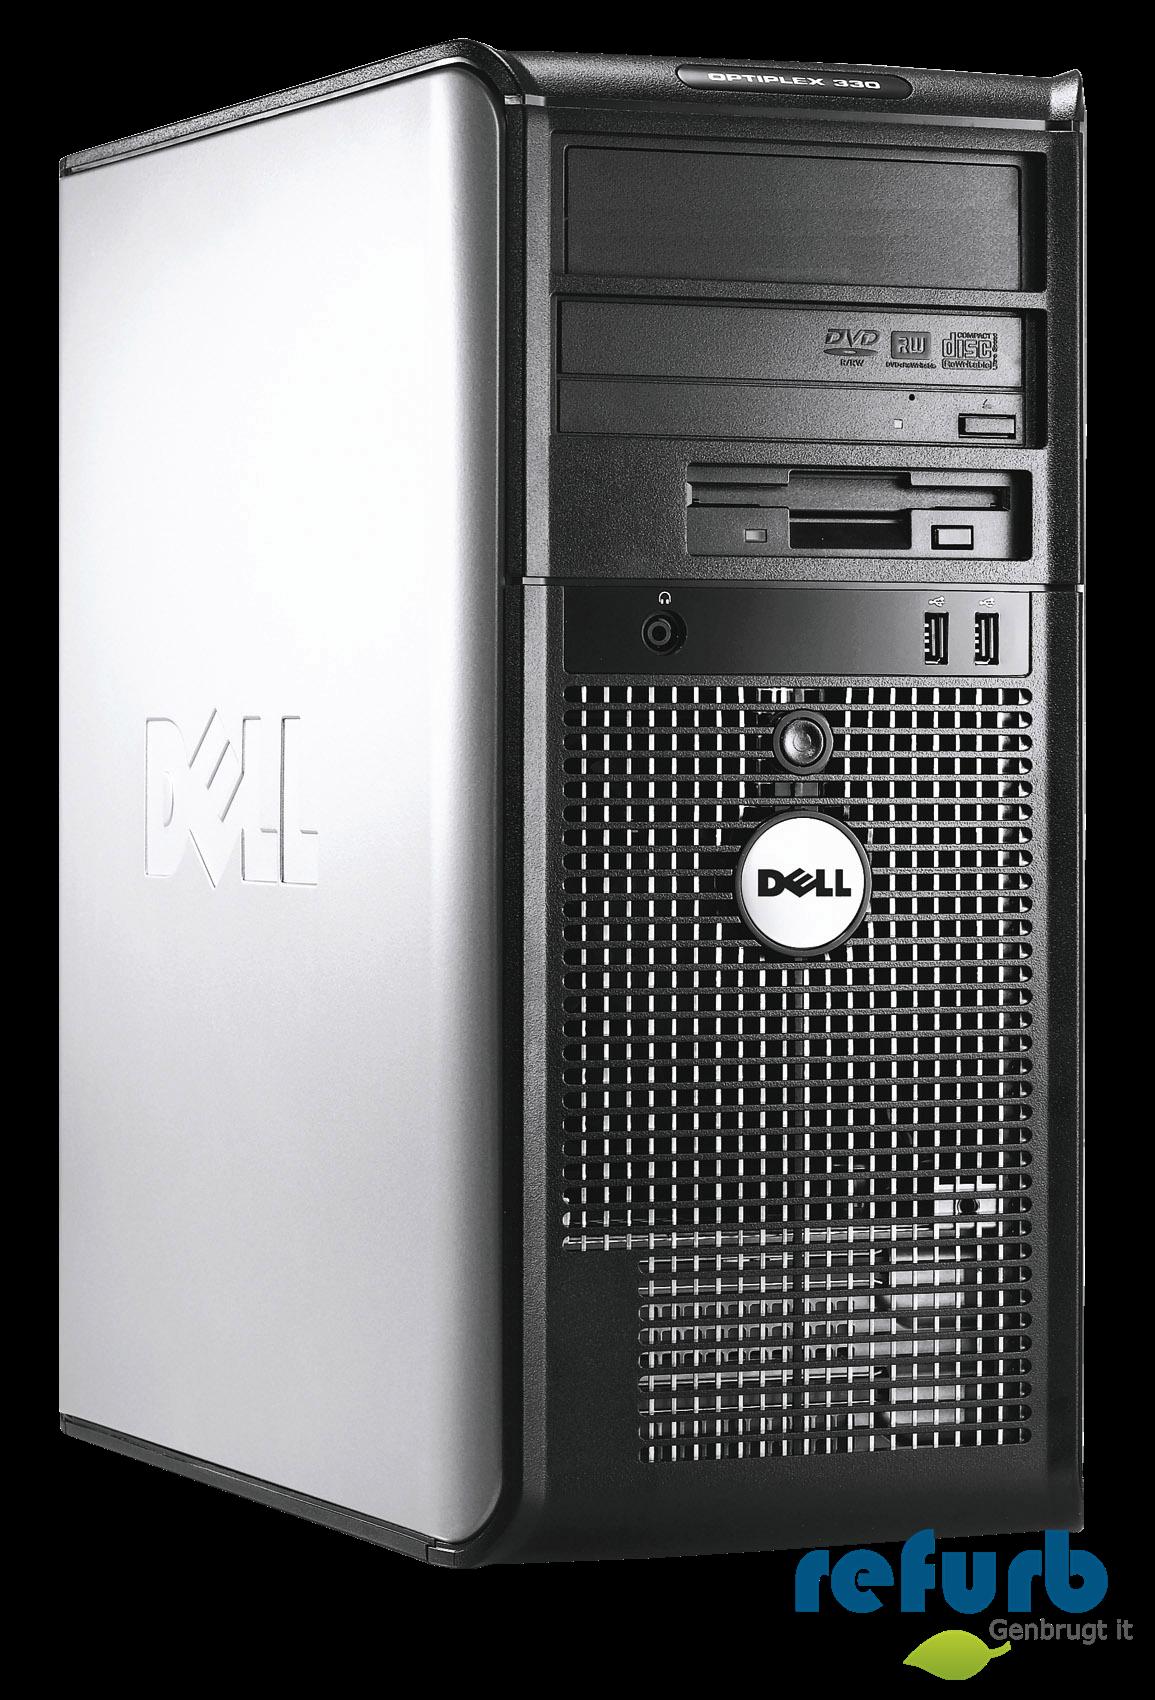 Dell optiplex gx745